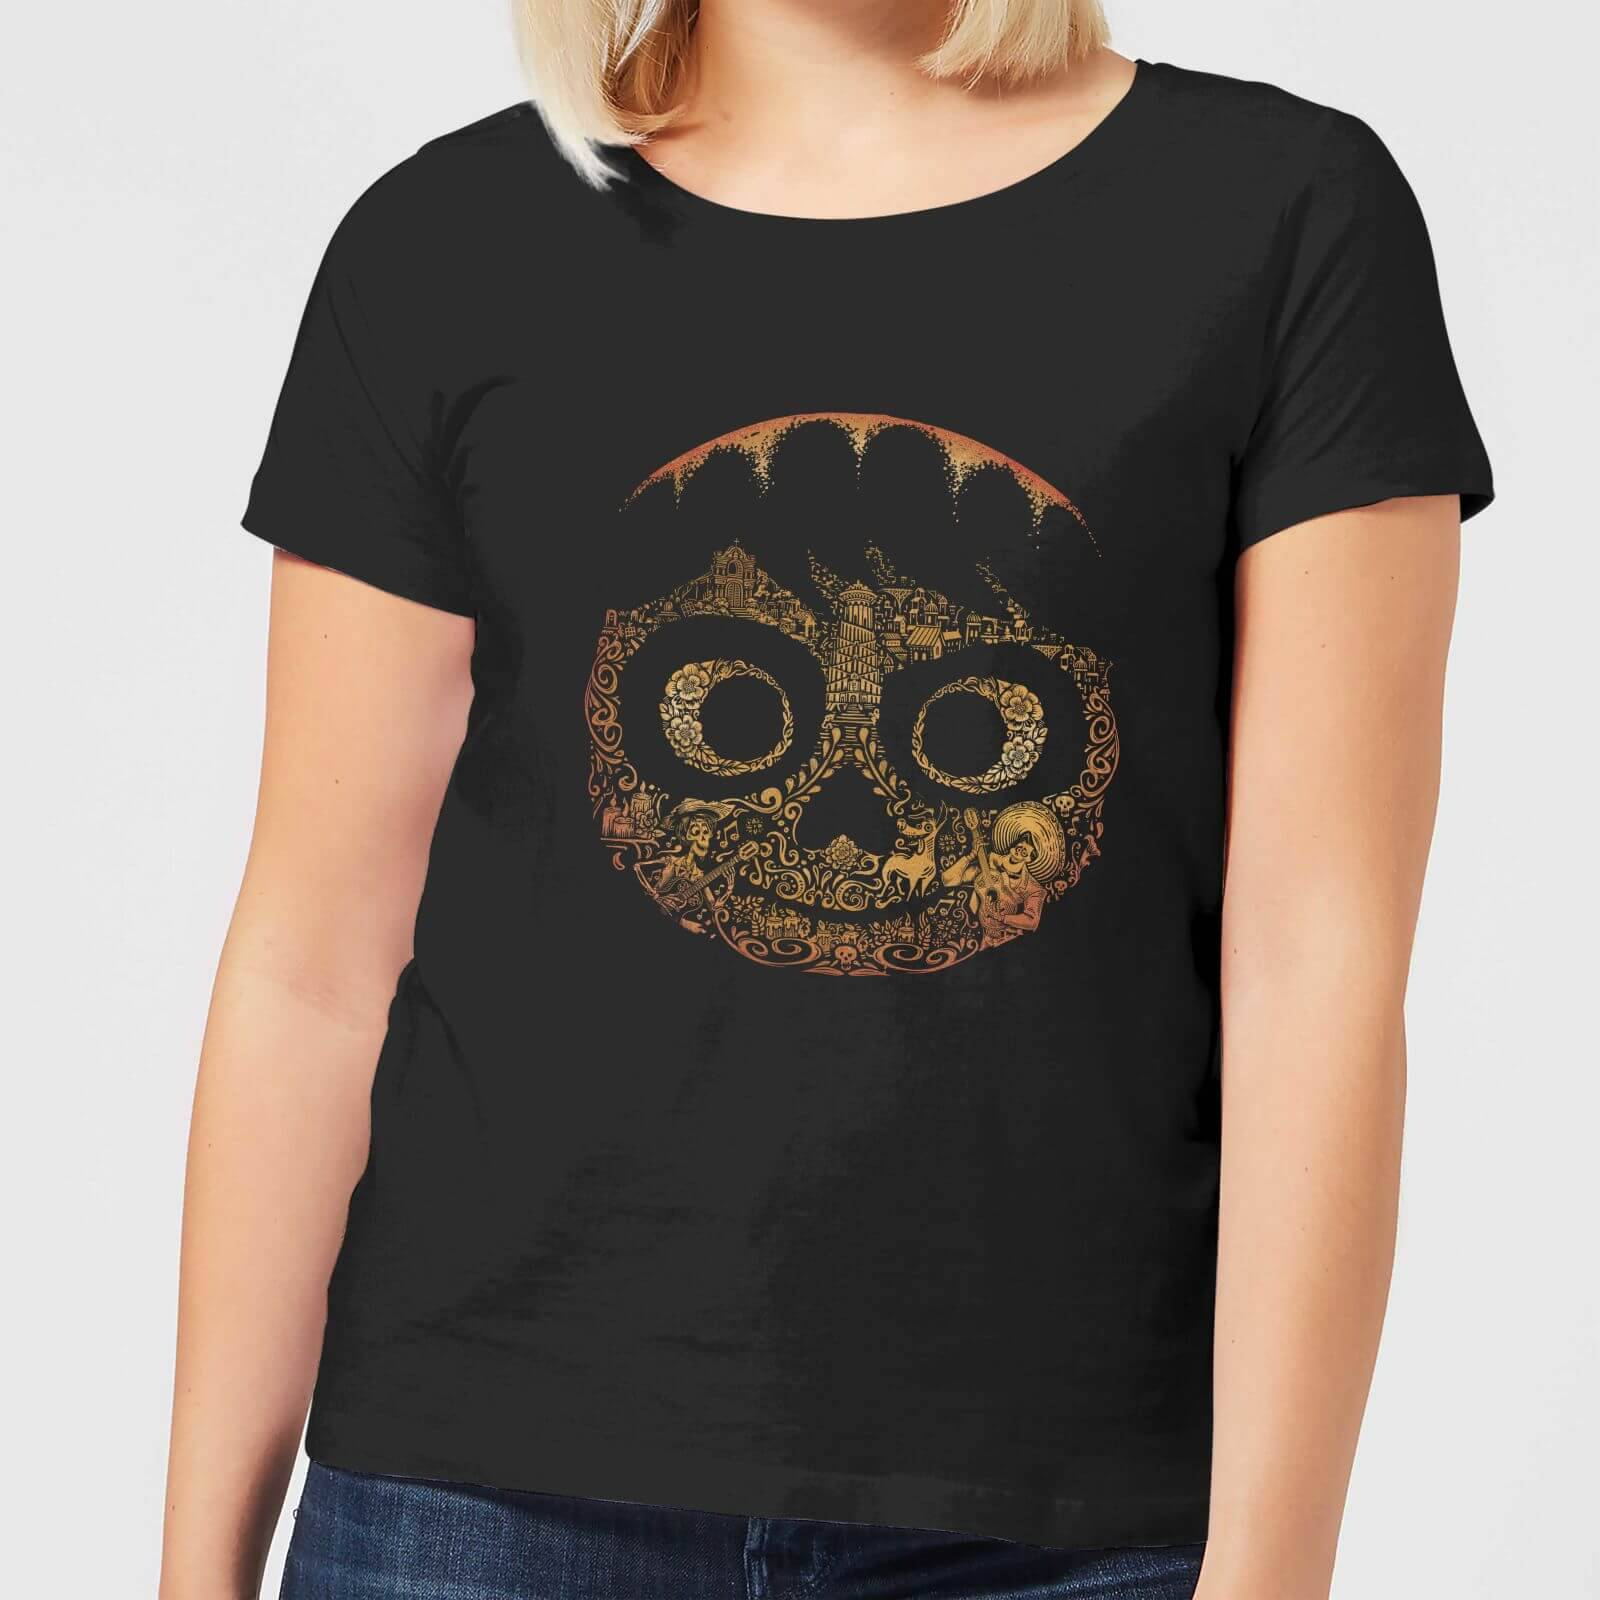 Pixar T-Shirt Femme Visage Miguel Coco - Noir - M - Noir